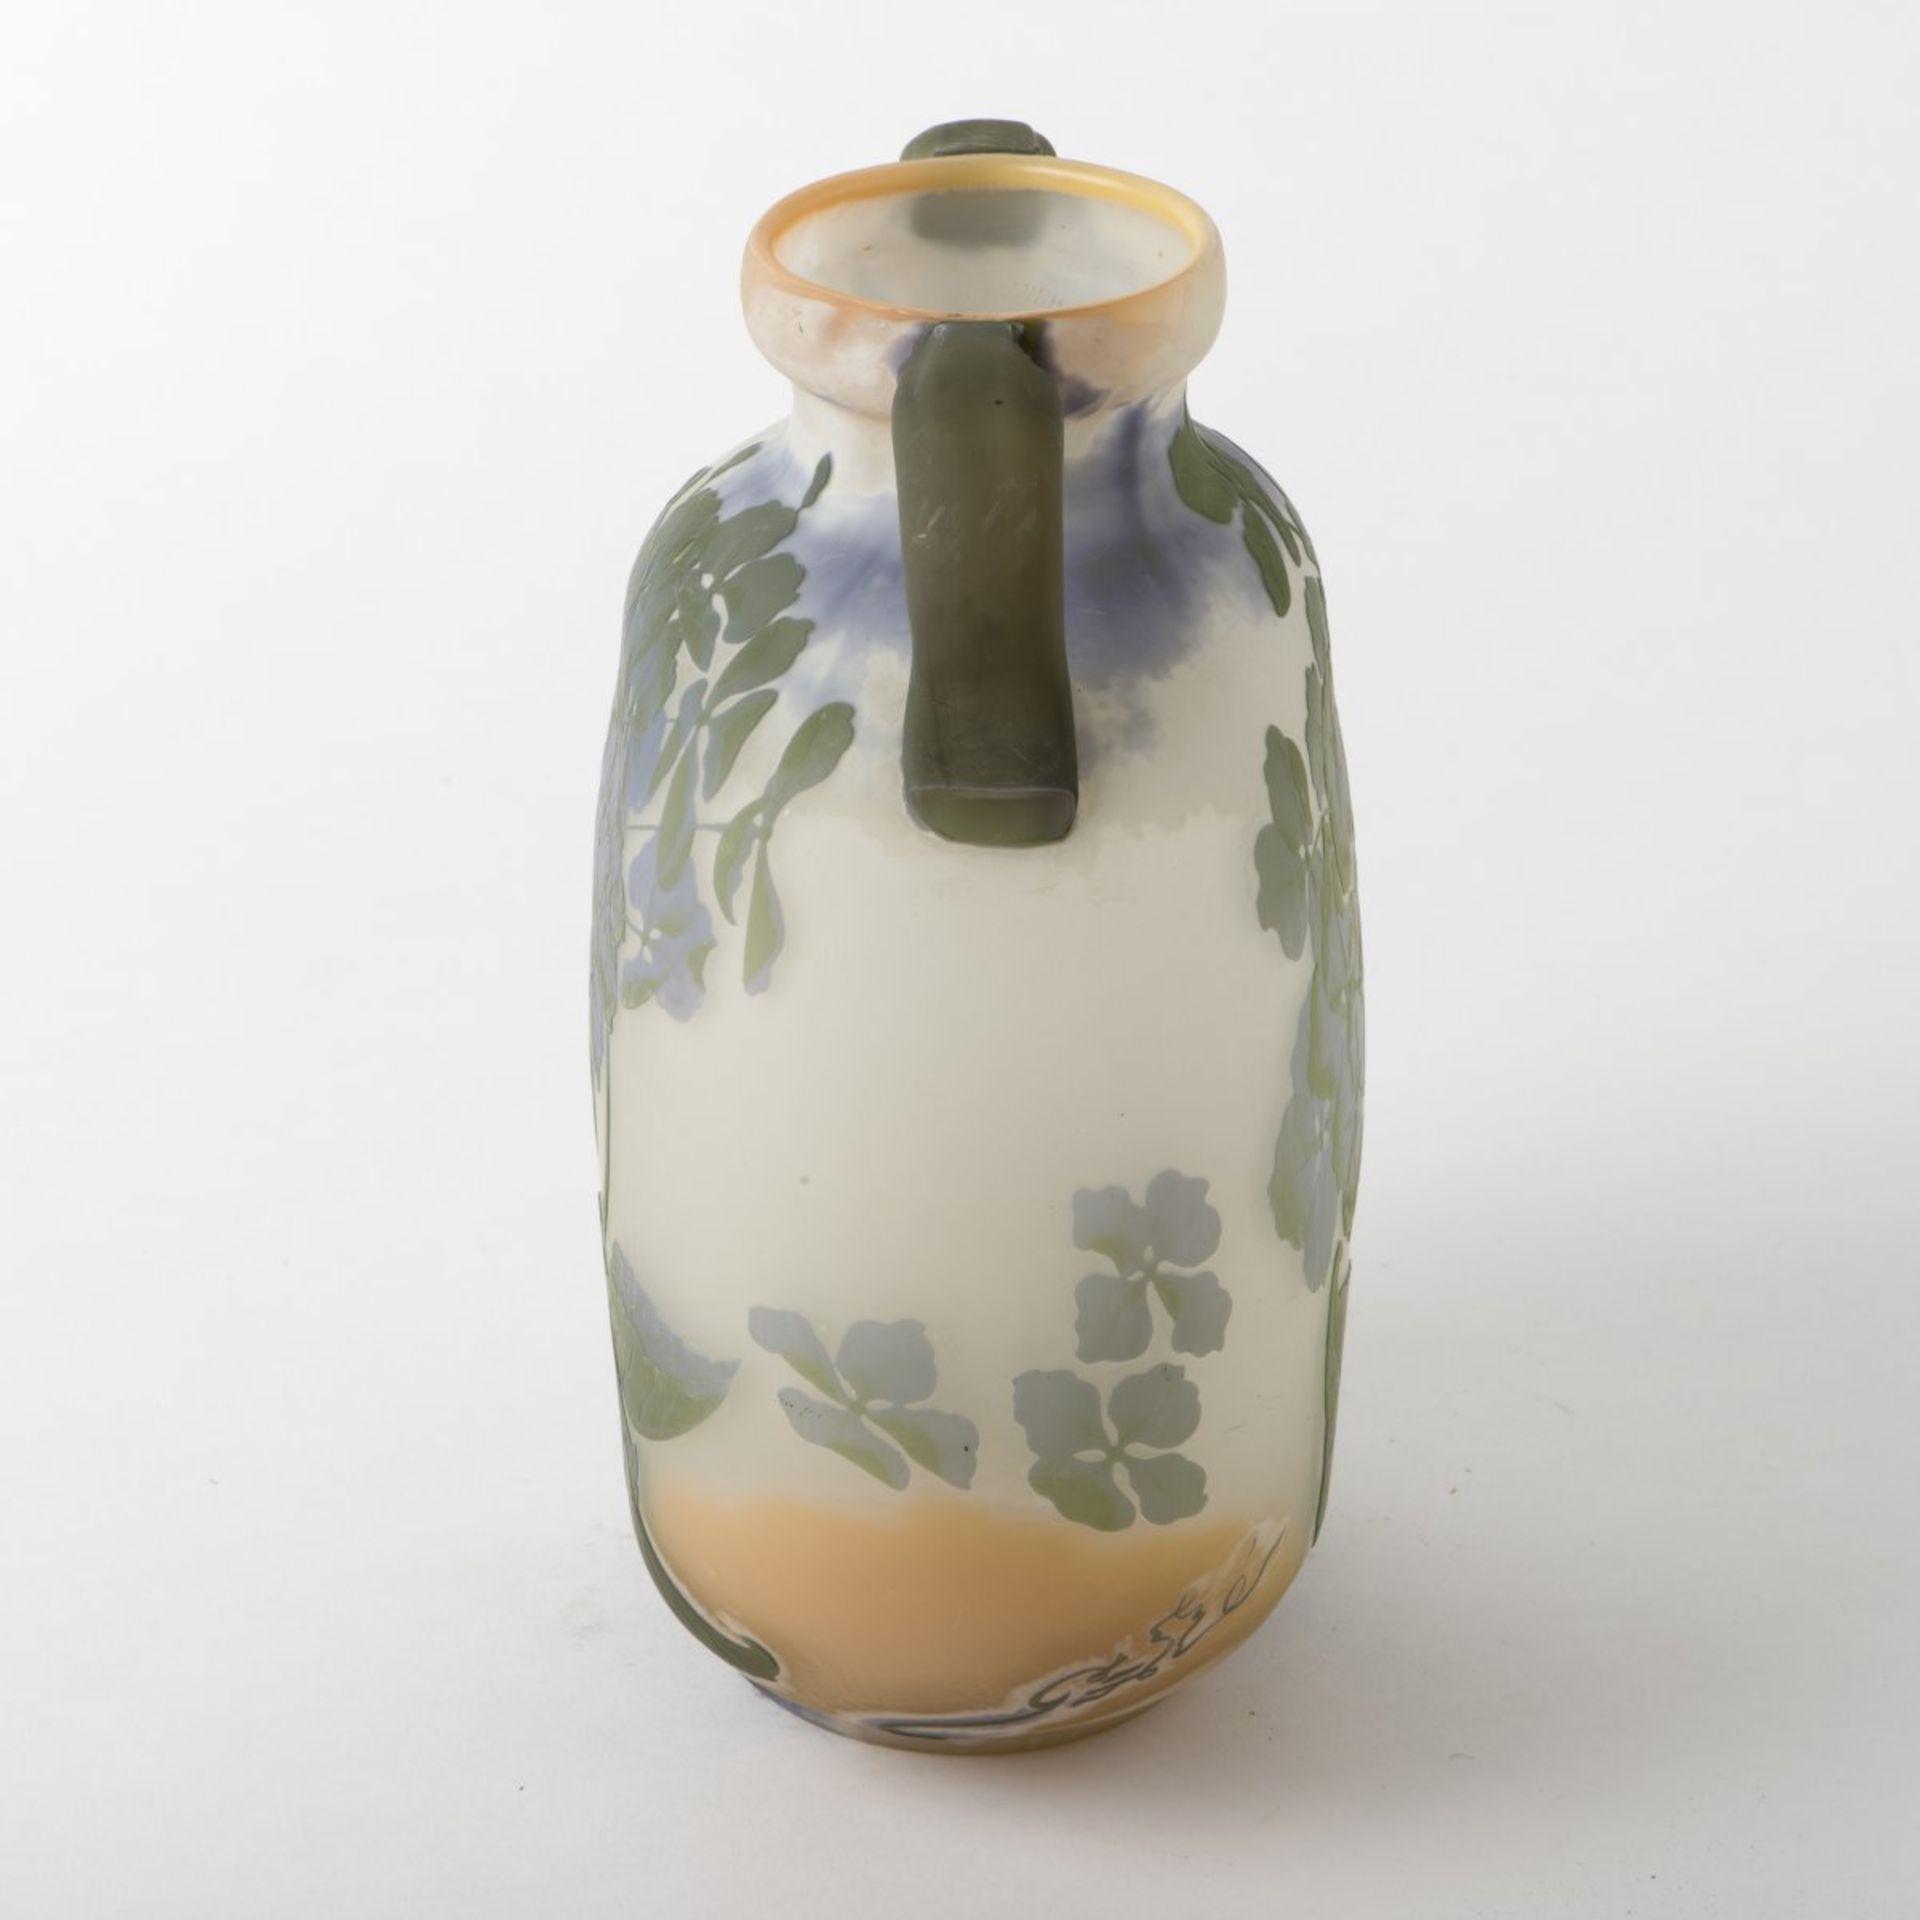 Emile Gallé, Nancy, 'Hortensias' vase, 1903/04 - Bild 3 aus 7